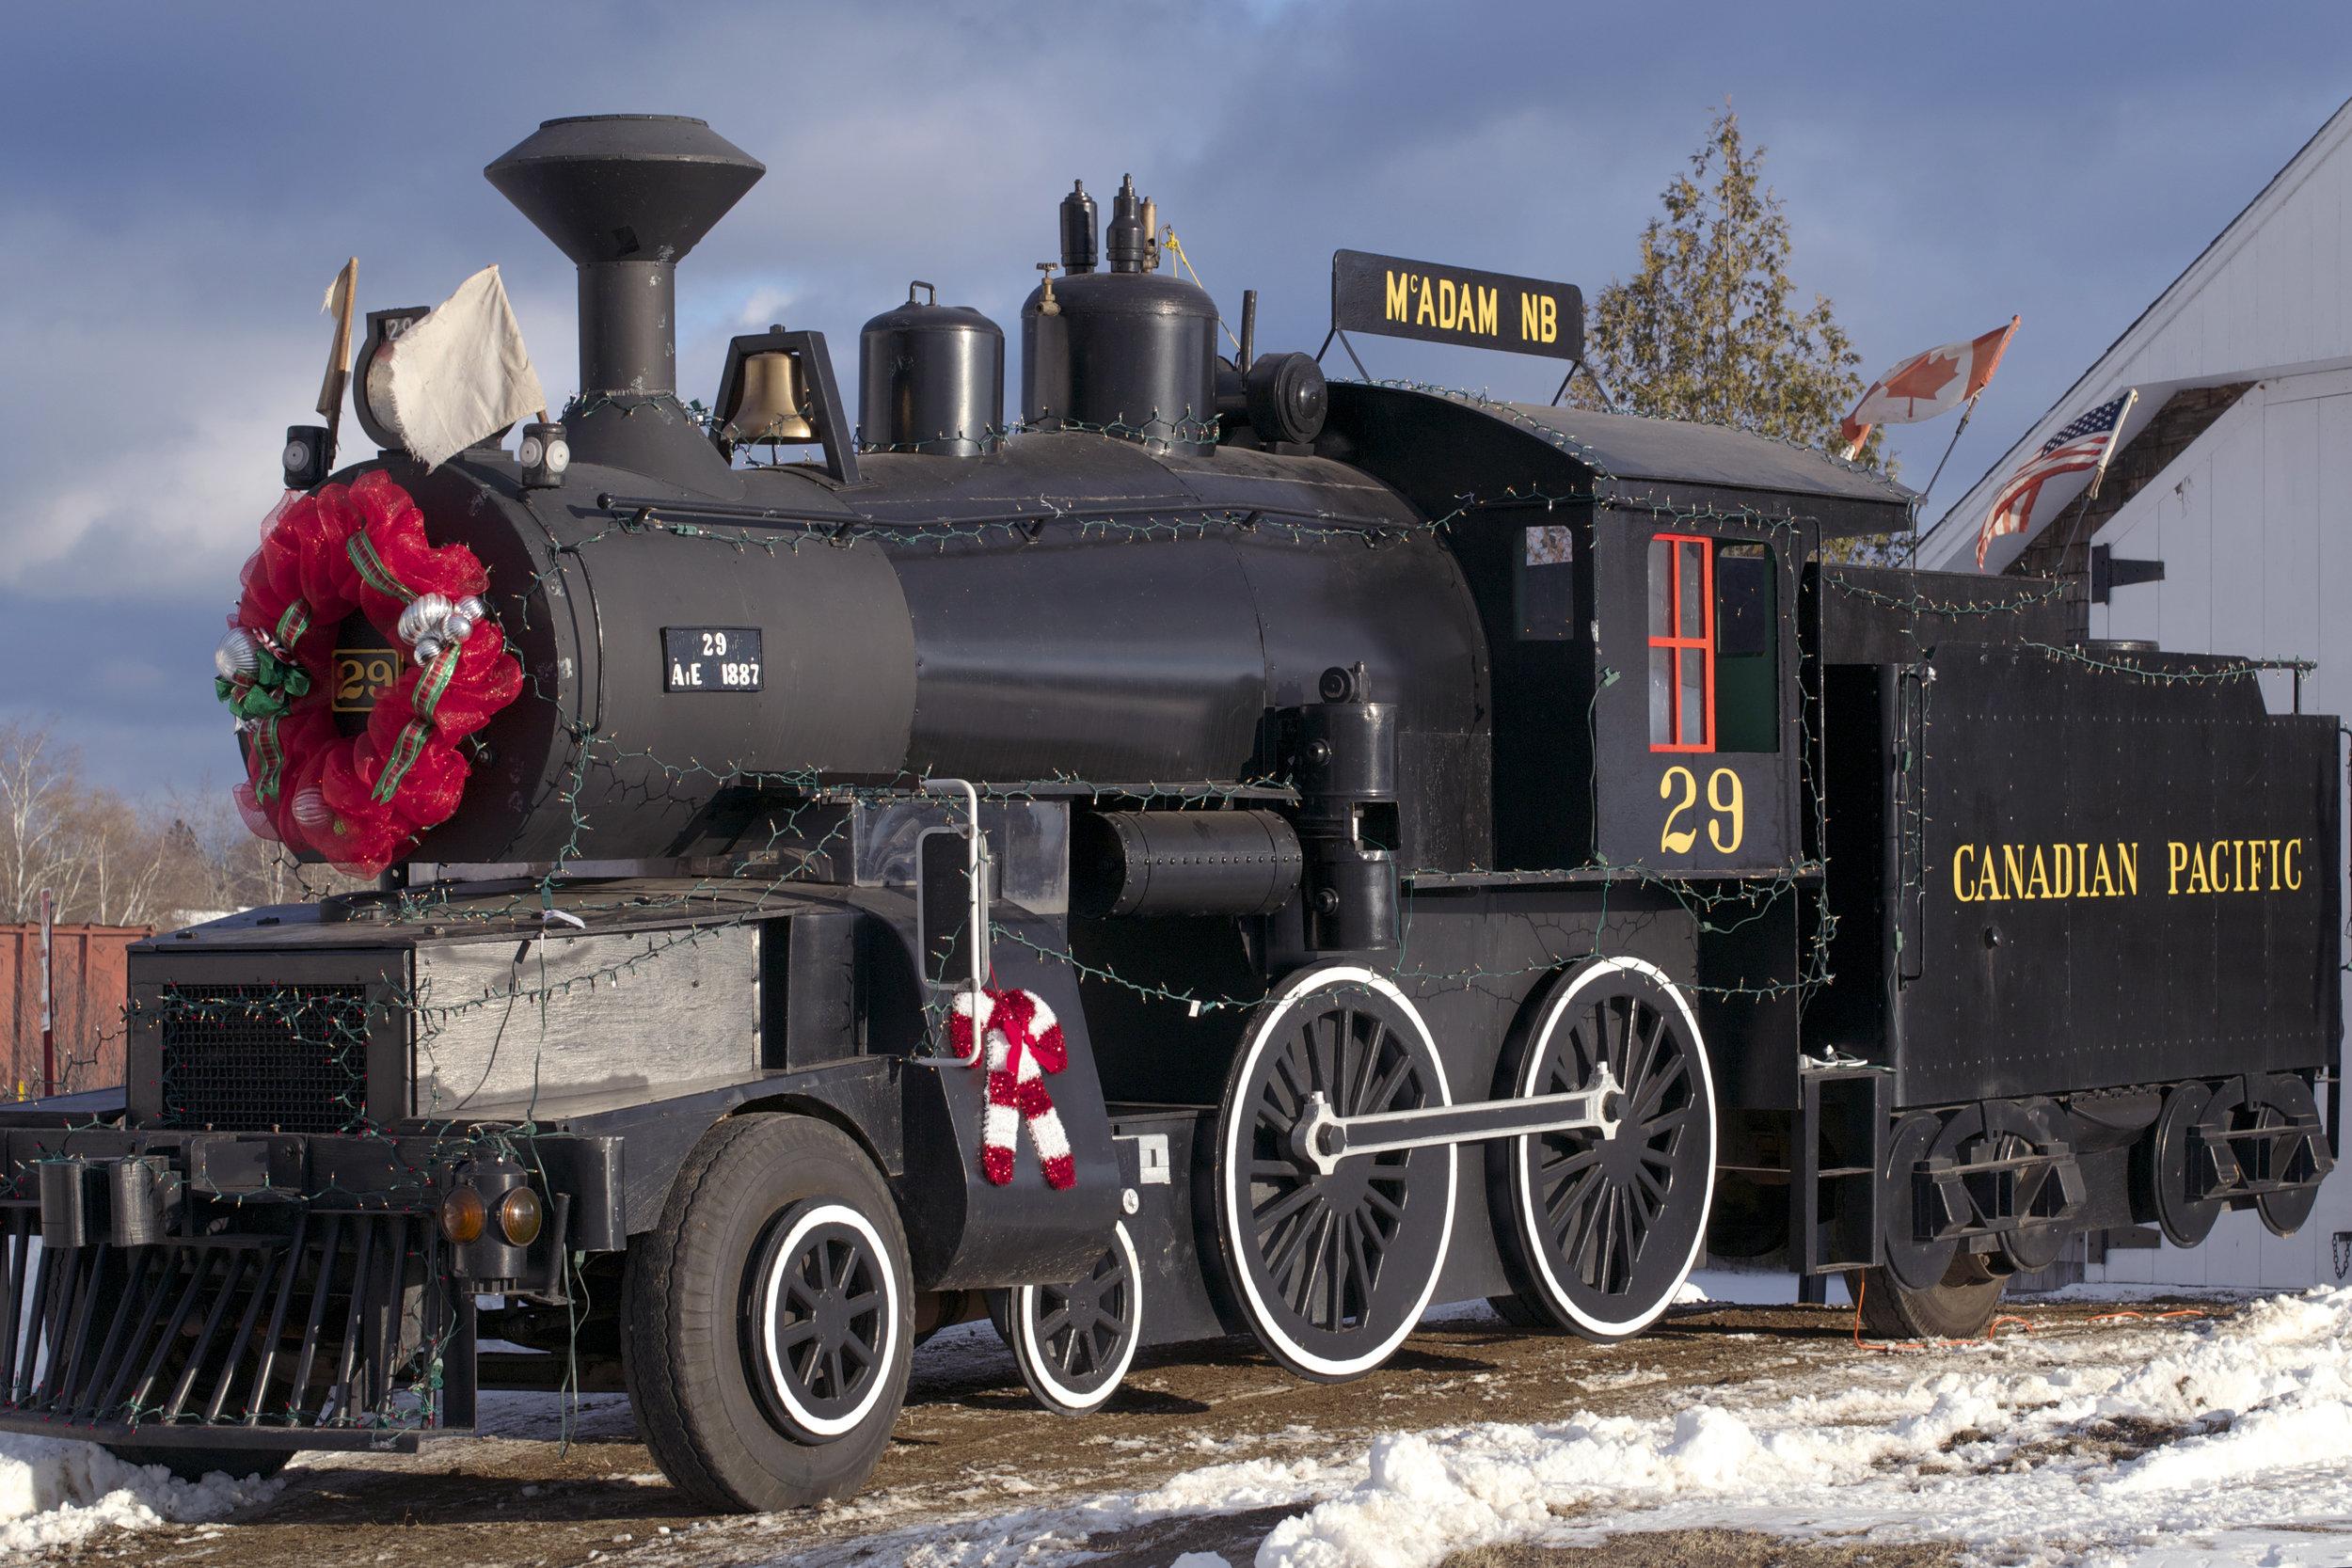 old-mcadam-cpr-steam-engine.jpg